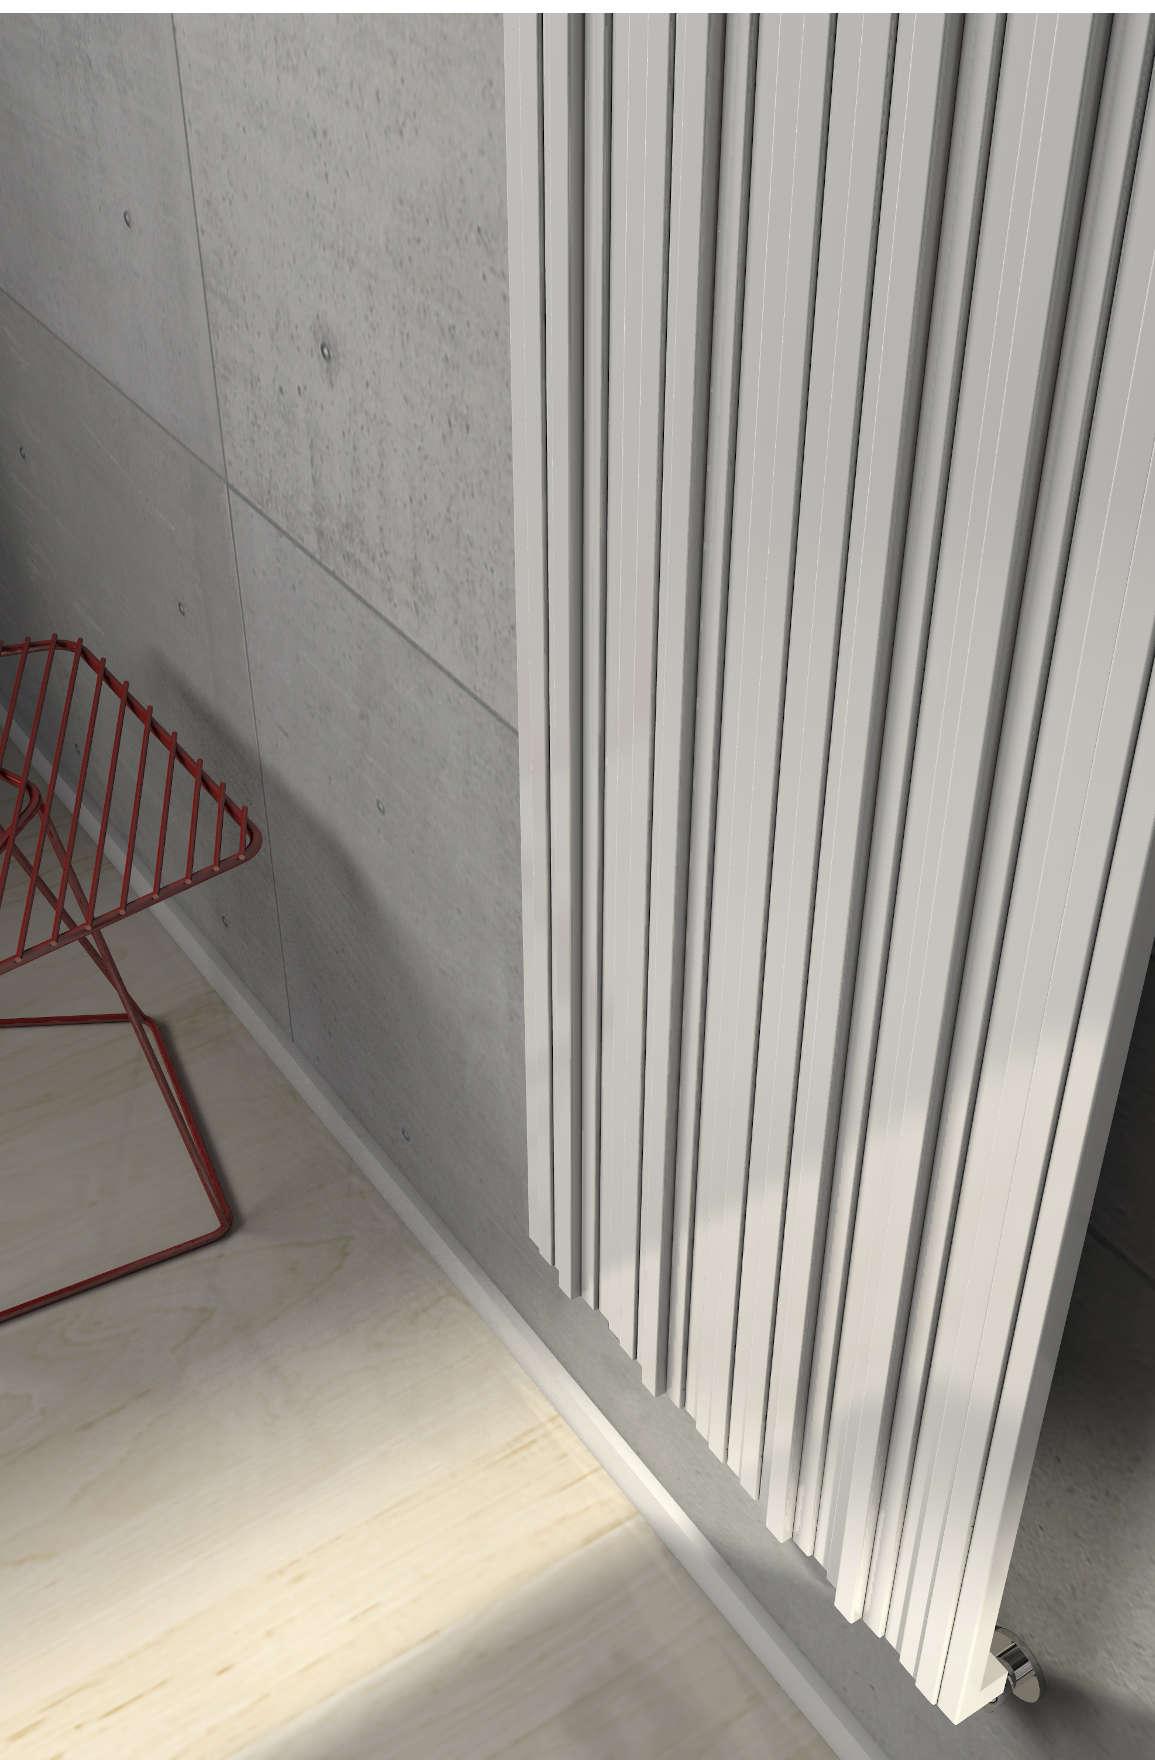 détail plaque radiatuer blanc coloré righi brem 2019